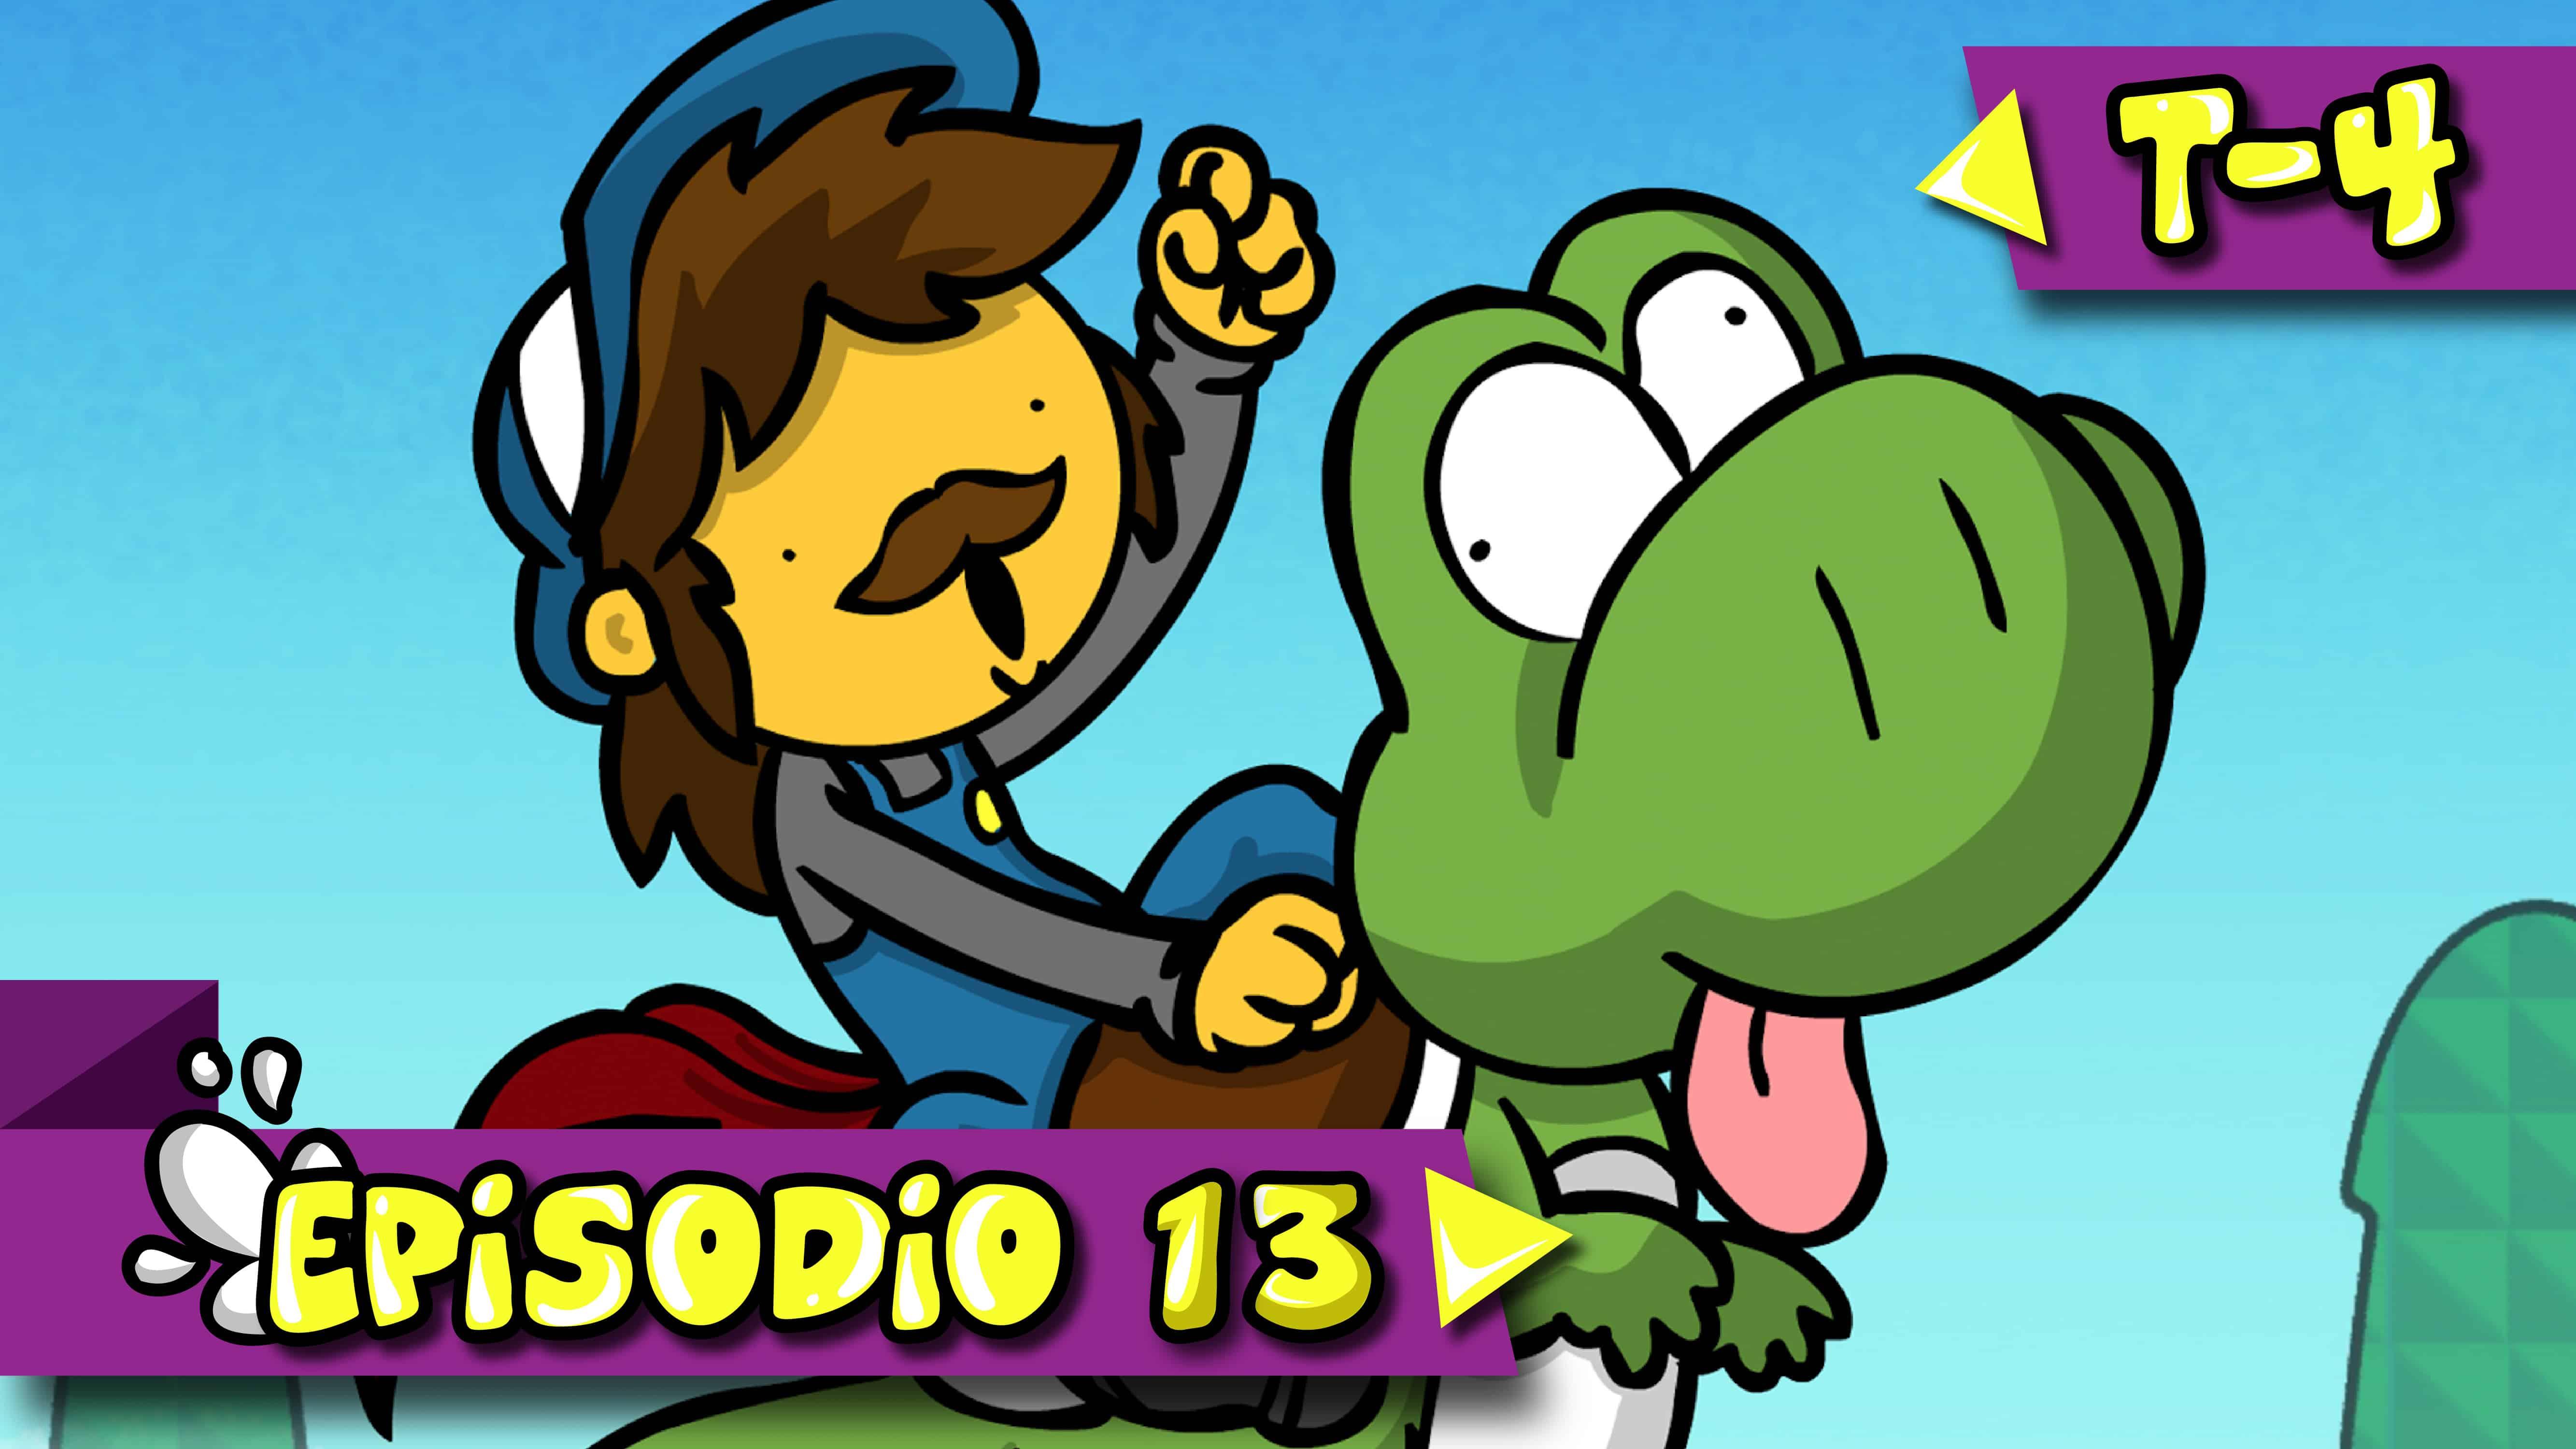 Episodio 13: Los Super Hermanos Mauricio 4